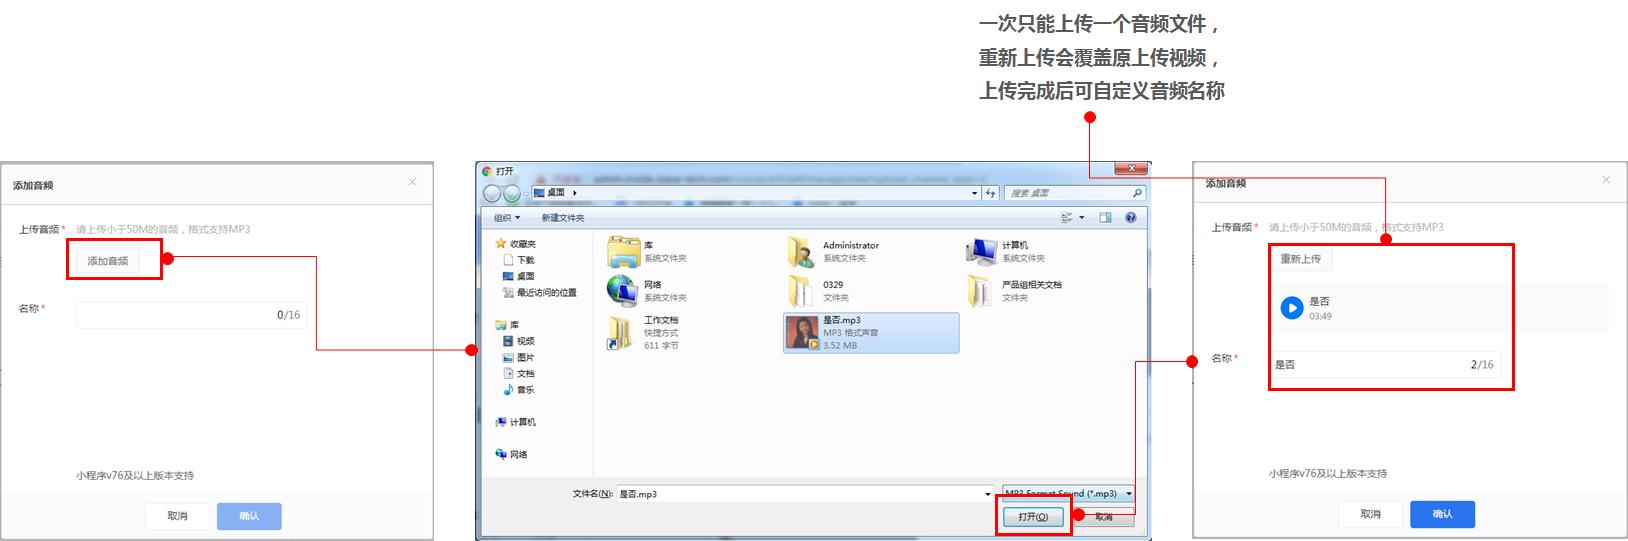 小鹅通系统后台富文本编辑器使用教程(图5)